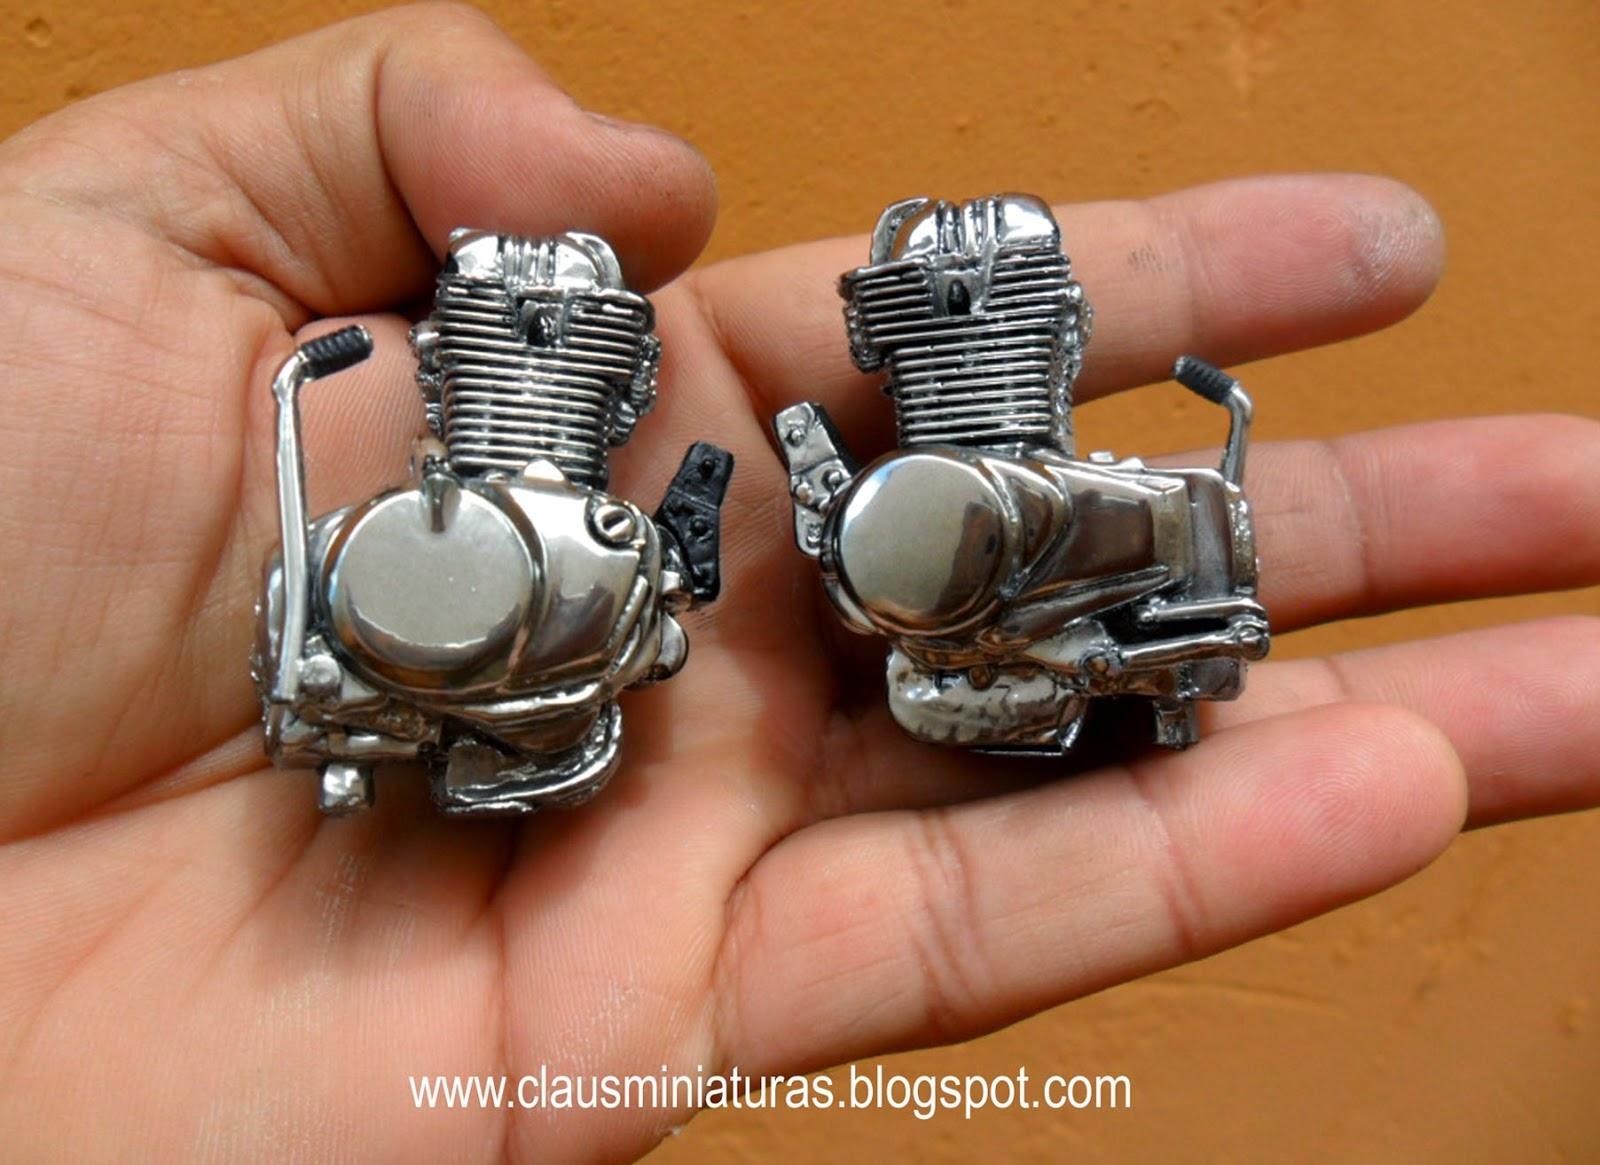 miniatura+motores - NOS MÍNIMOS DETALHES!